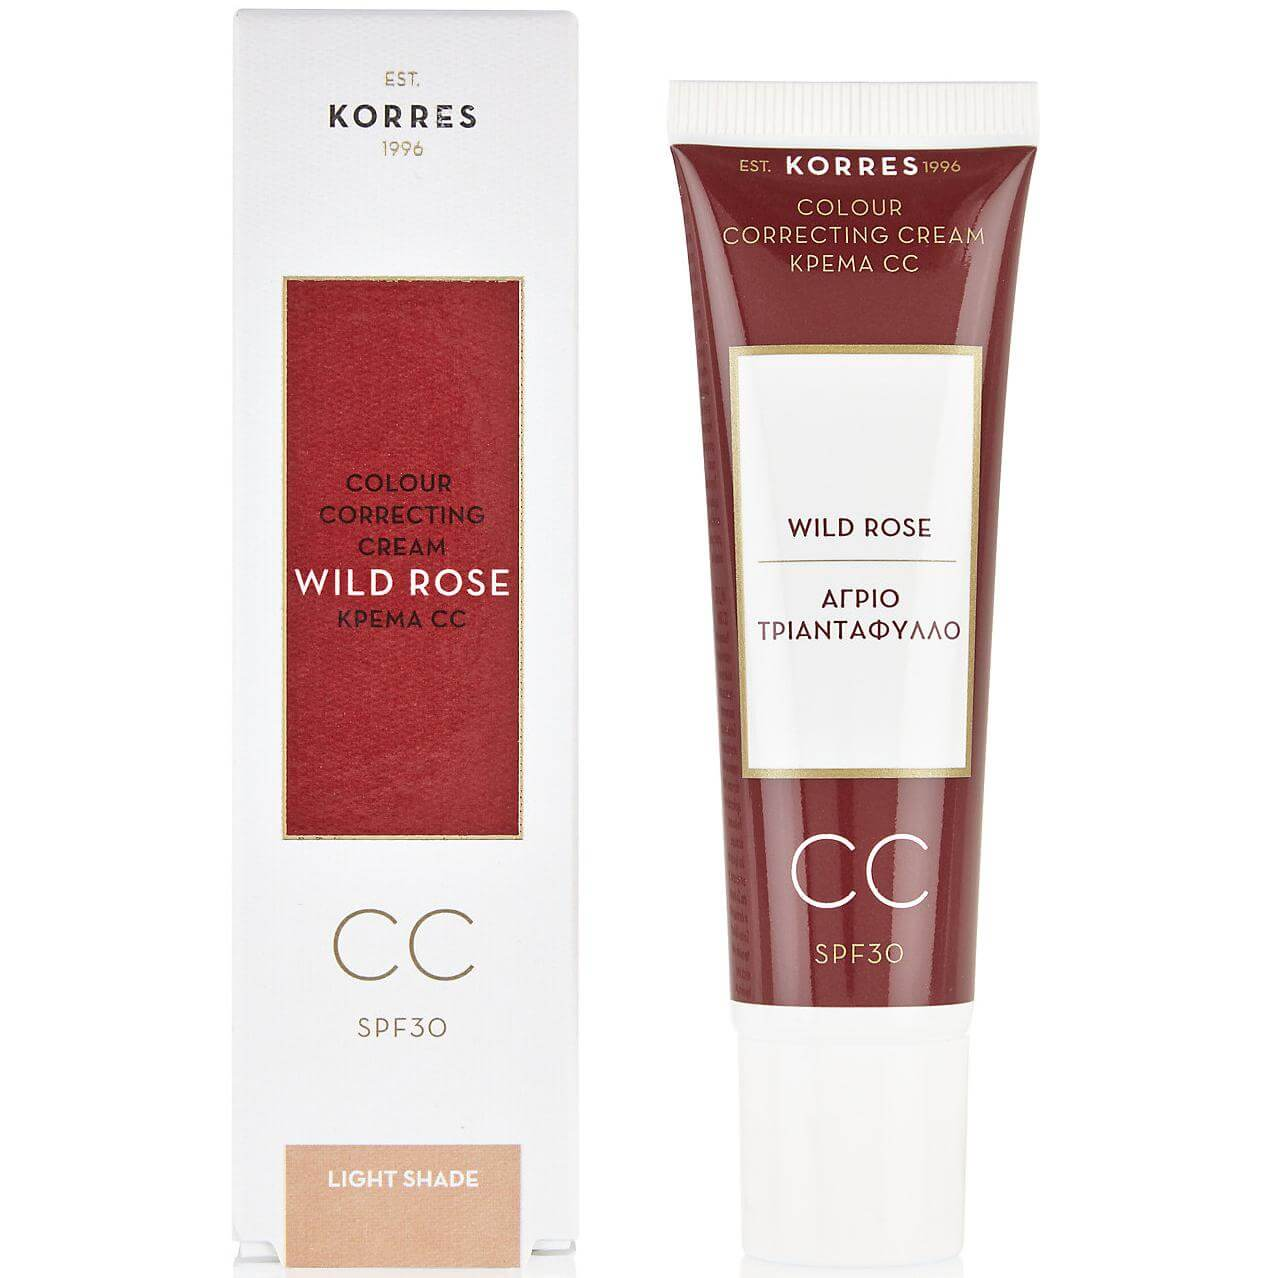 Korres Άγριο Τριαντάφυλλο CC Cream SPF 30 Ενυδατική Κρέμα για Κάλυψη των Ατελειών 30ml – Medium Shade